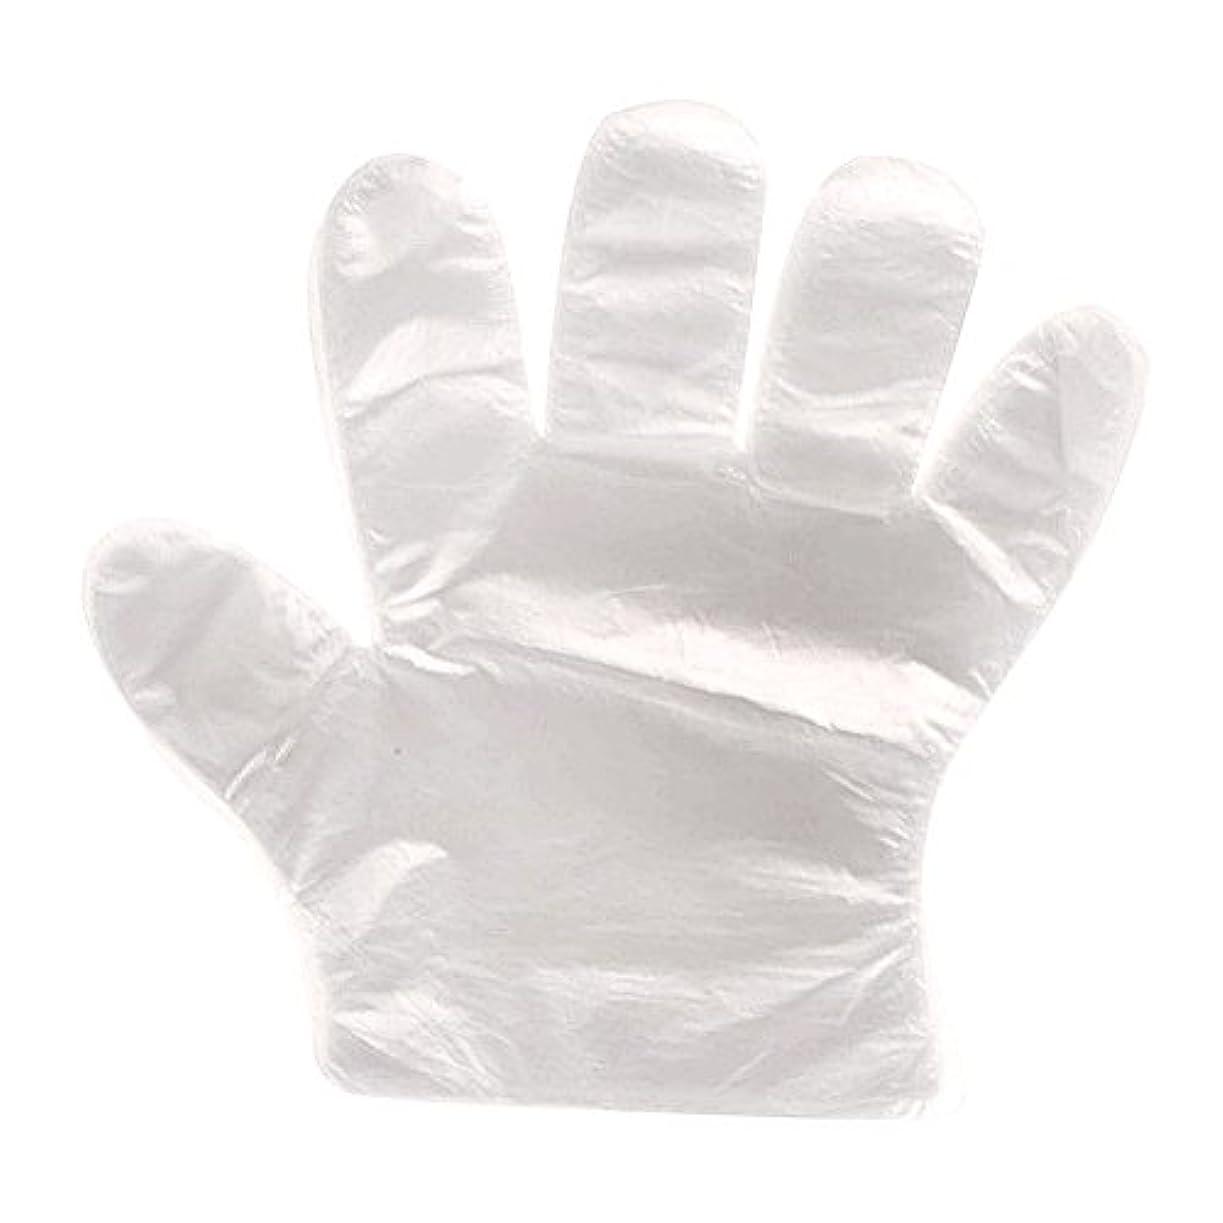 マエストロ細菌八百屋使い捨て手袋 極薄ビニール手袋 透明 実用 衛生 調理に?お掃除に?毛染めに 100枚/セット 食品衛生法適合